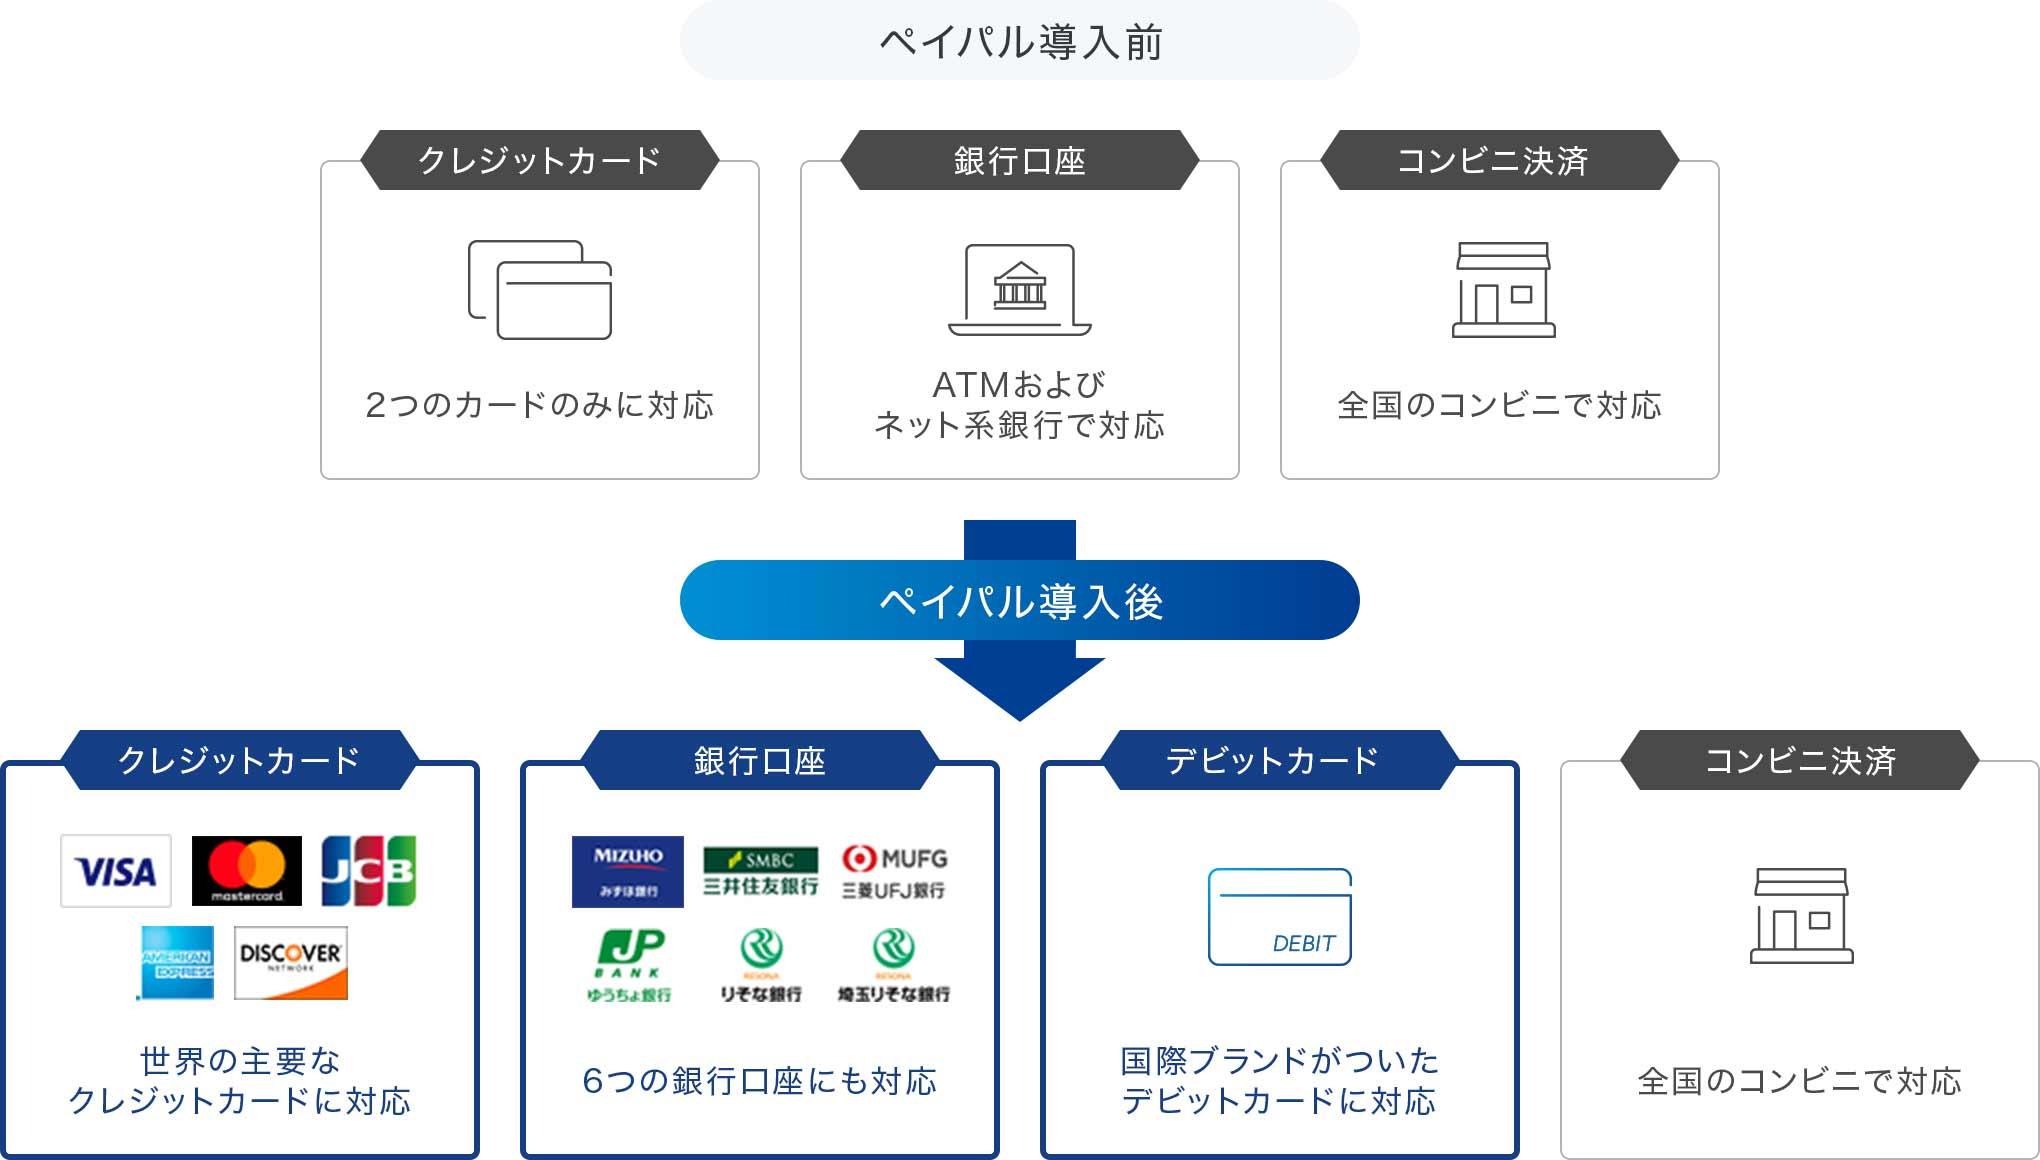 お支払い方法の複数の例を示す画像